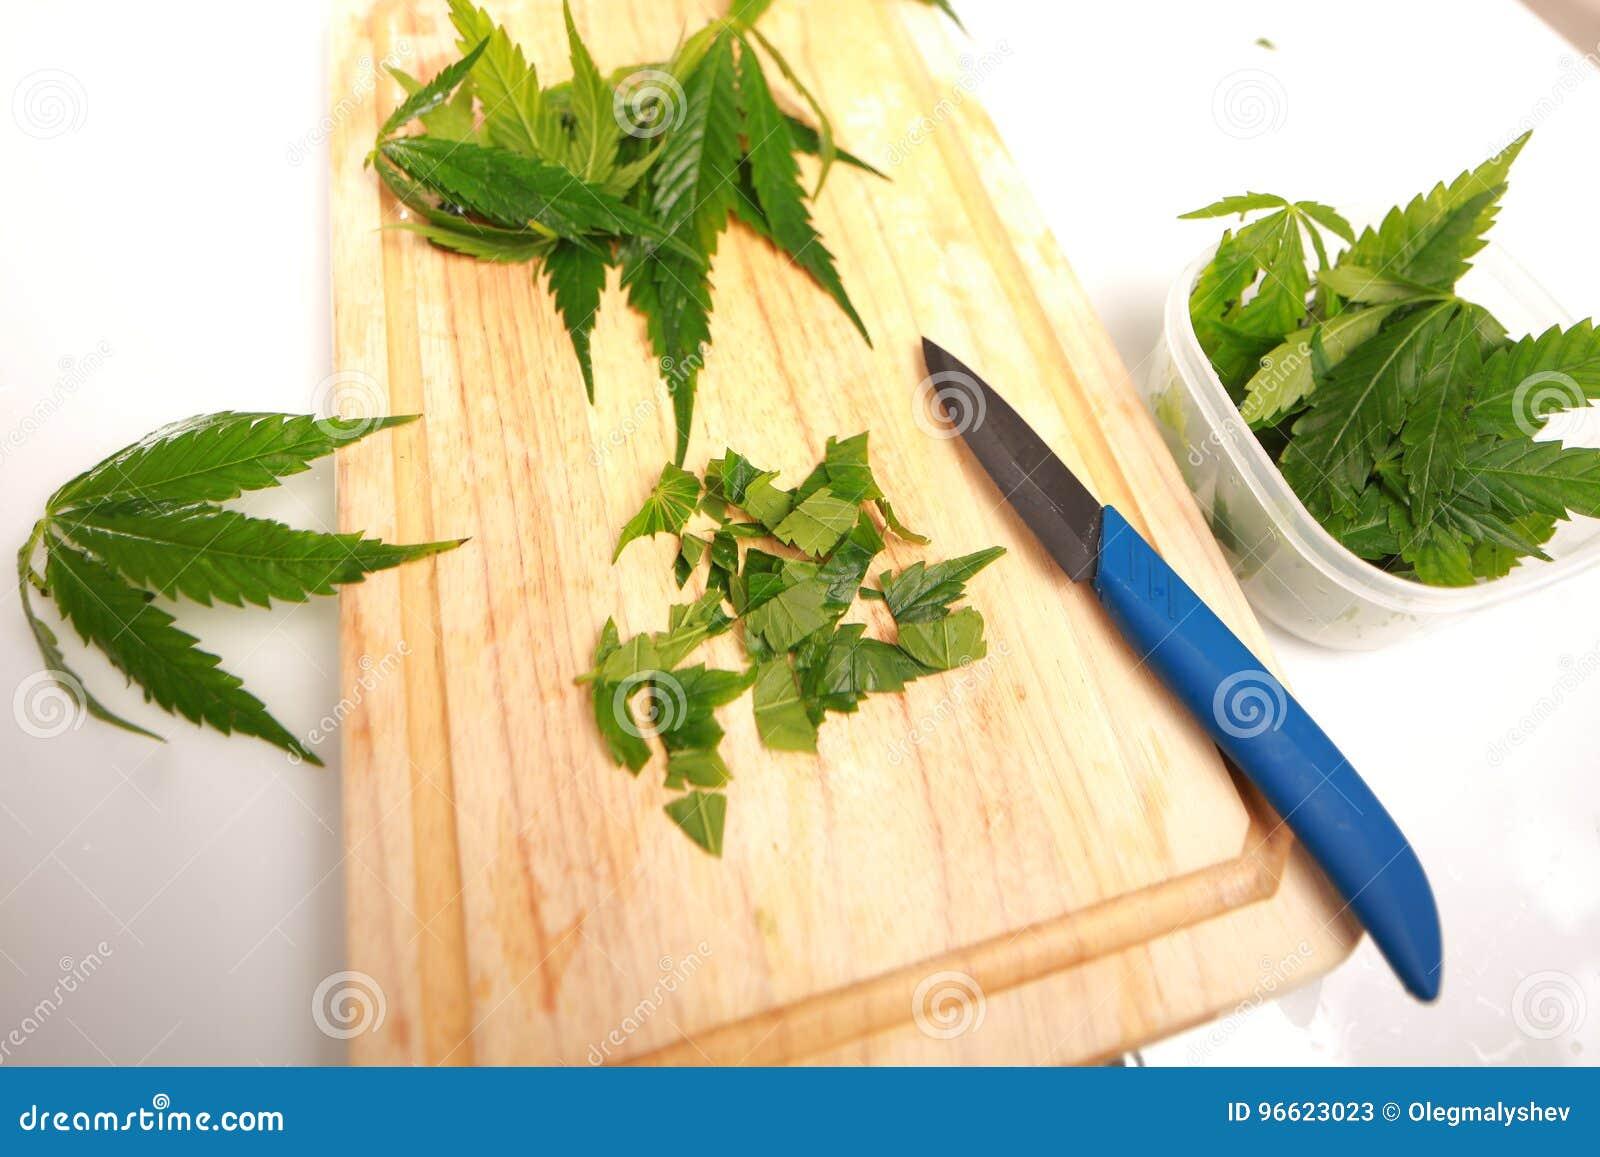 Салат с листьями конопли волокна конопли 6 букв